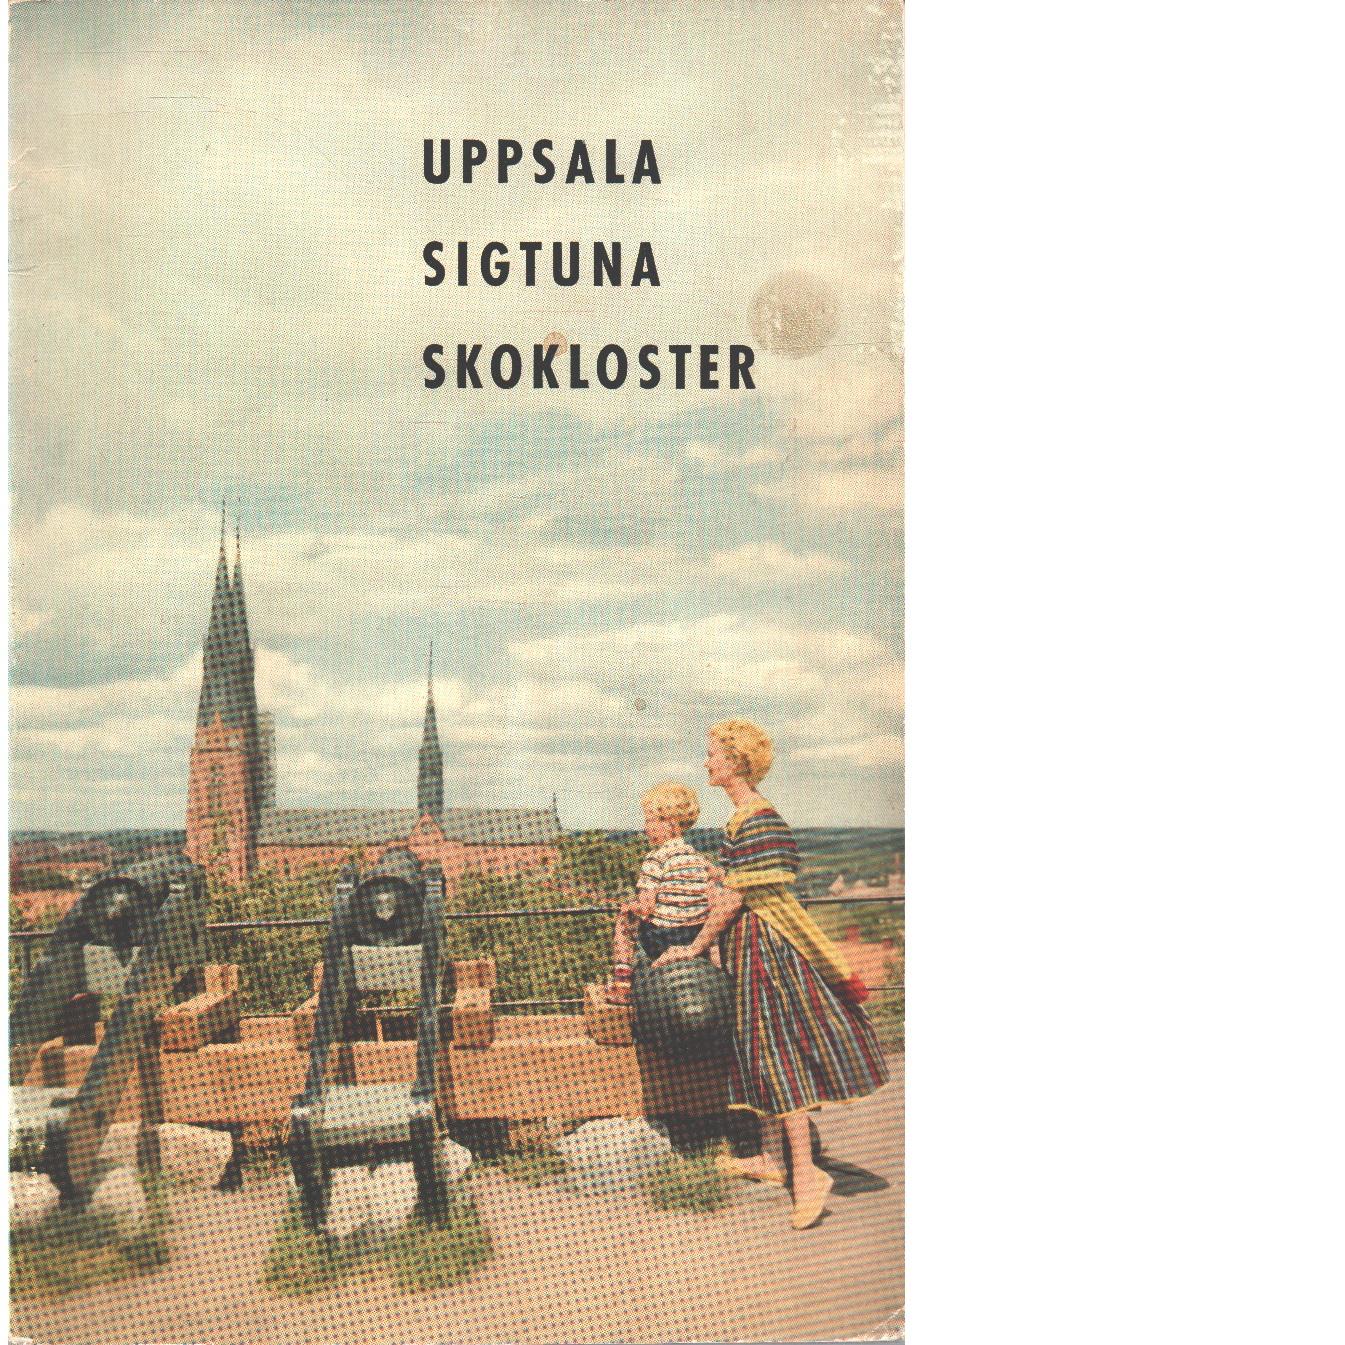 Bildrapsodi från Uppland - Krabbe, Arne  och Crispien, René